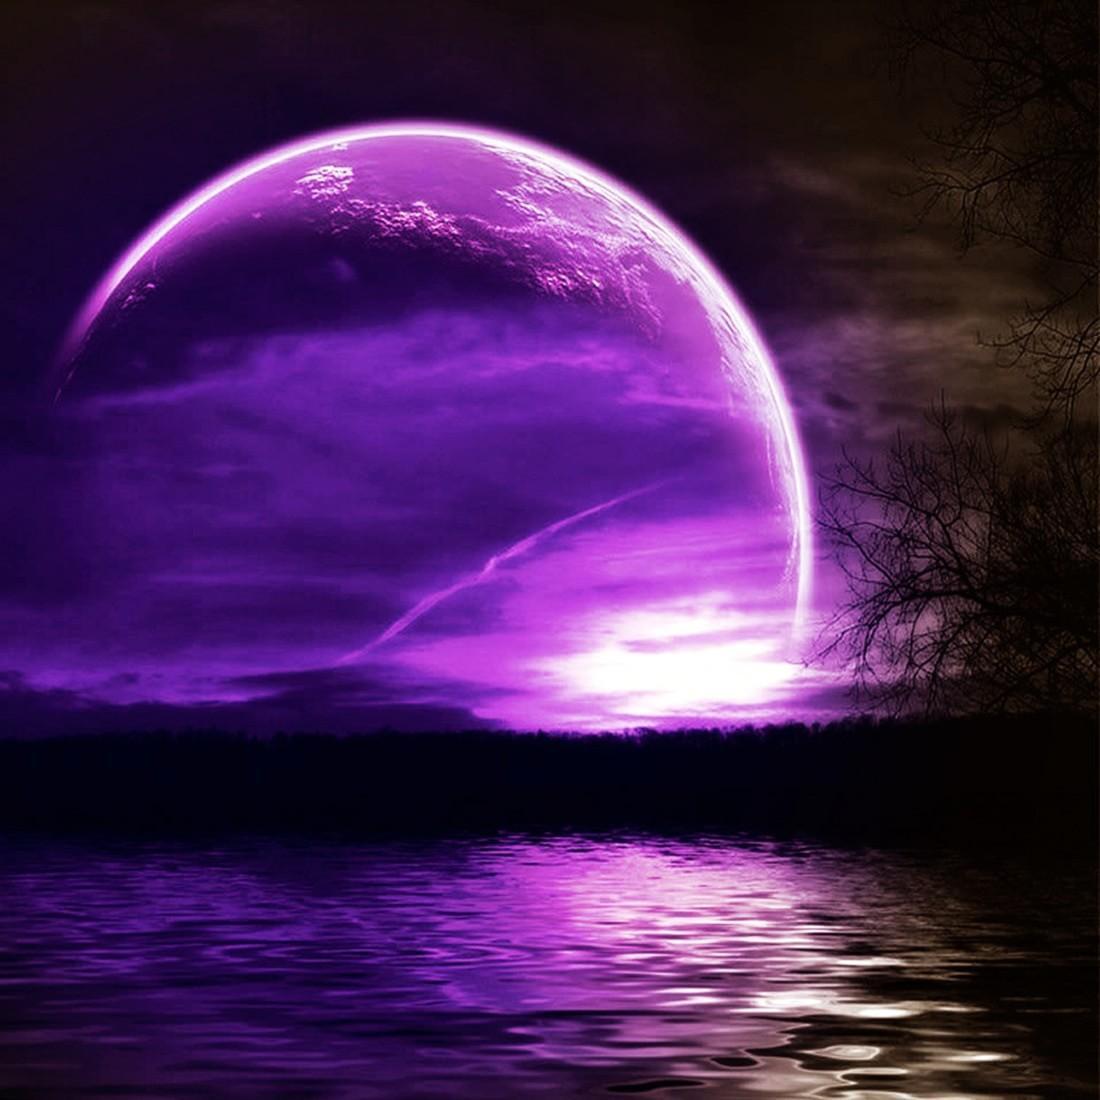 Hình ảnh bầu trời đêm tối